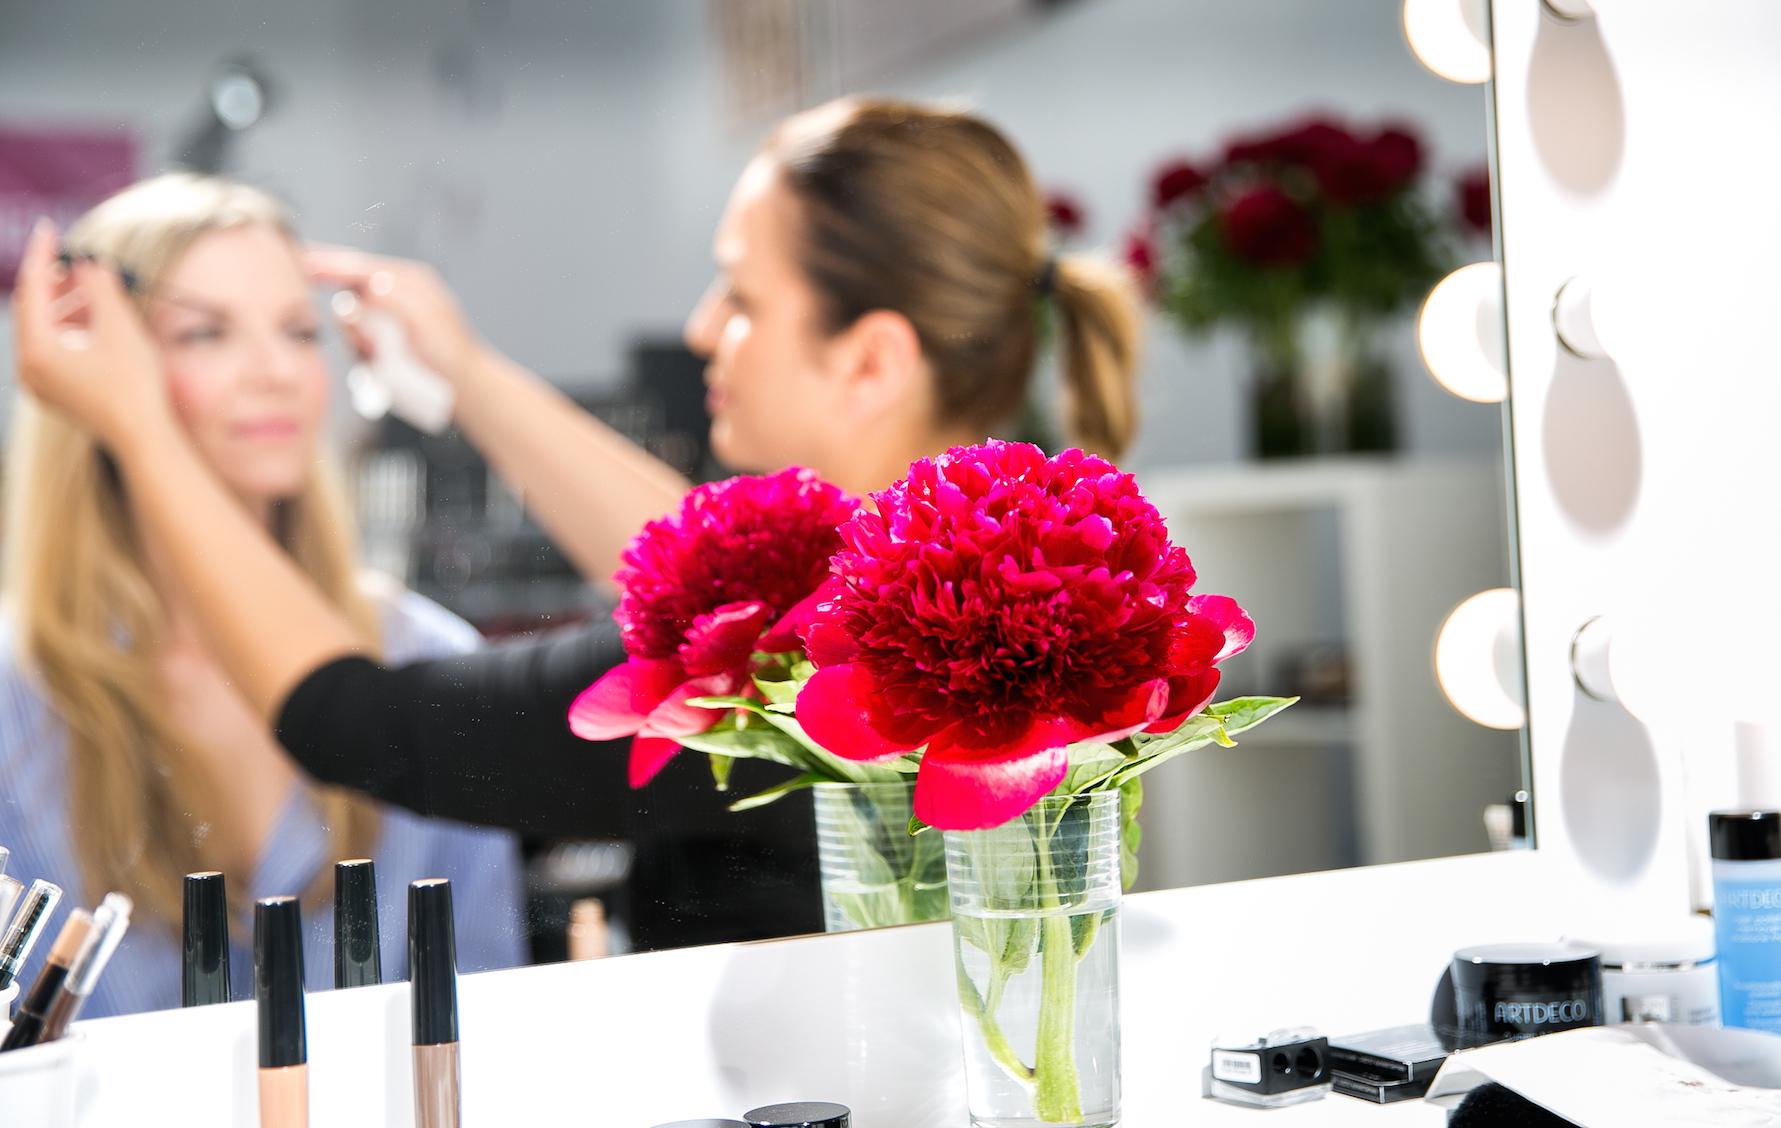 Monatsrückblick Juni 2017 Dubai Dubai Glamour Beauty Festival Glamour Beauty Festival Gucci Gucci Louis Vuitton Louis Vuitton Melvin & Hamilton Melvin & Hamilton Monatsrückblick Monatsrückblick Monthly Review Monthly Review